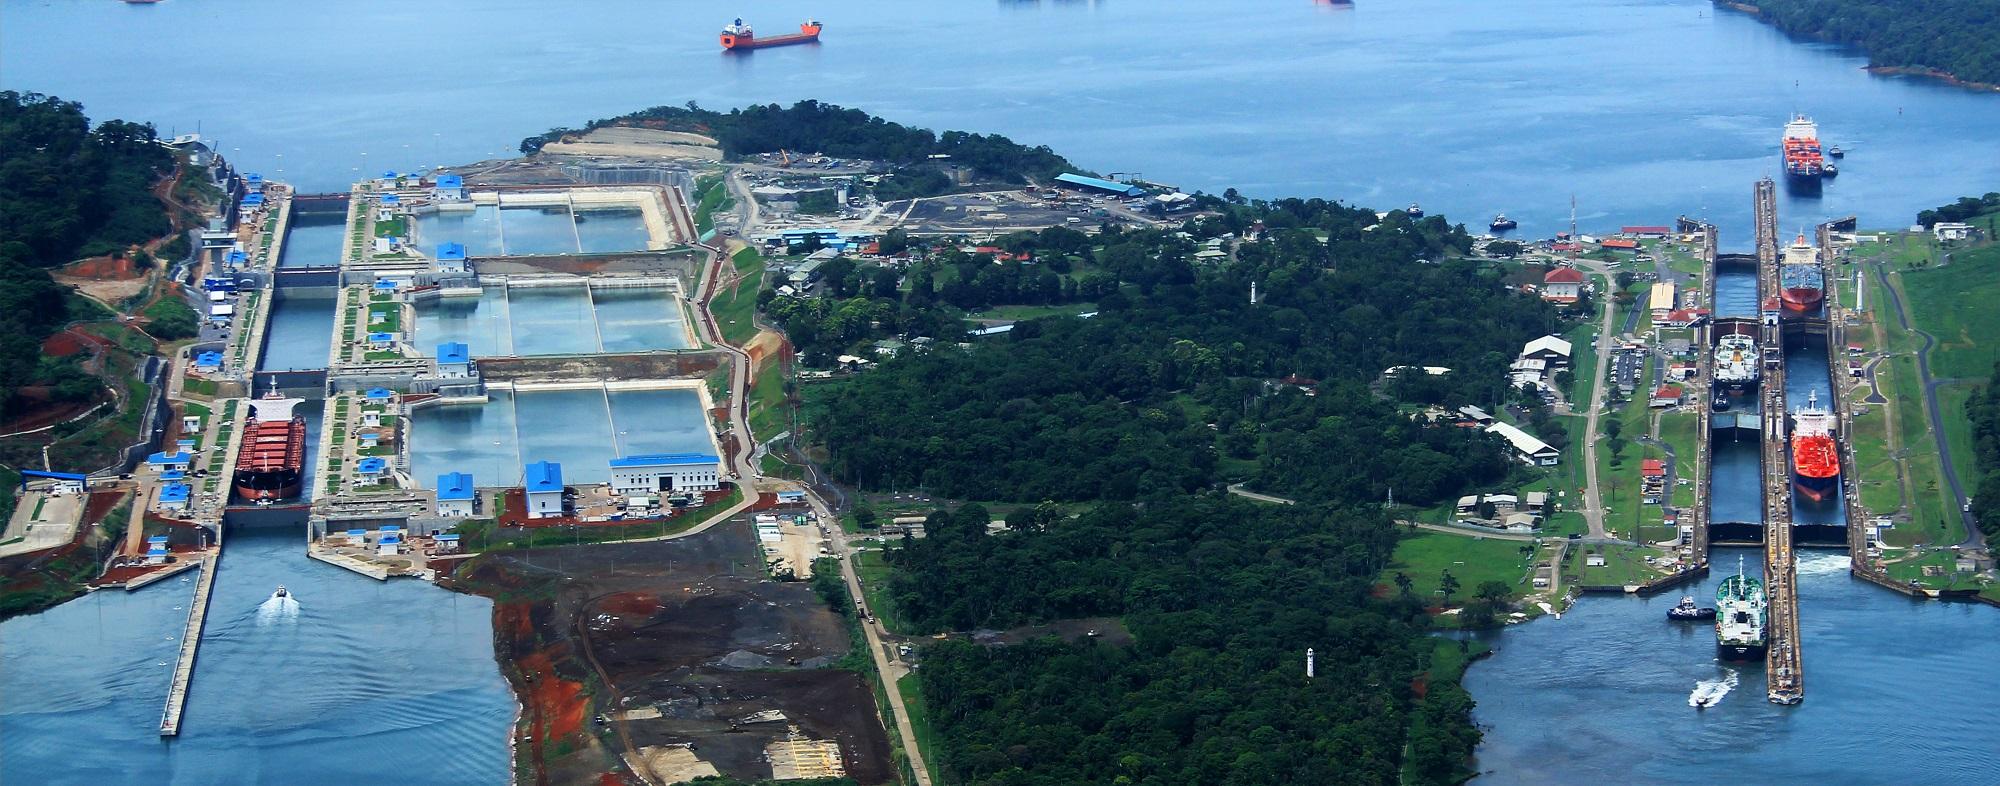 Ampliacion_del_Canal_de_Panama_Sacyr